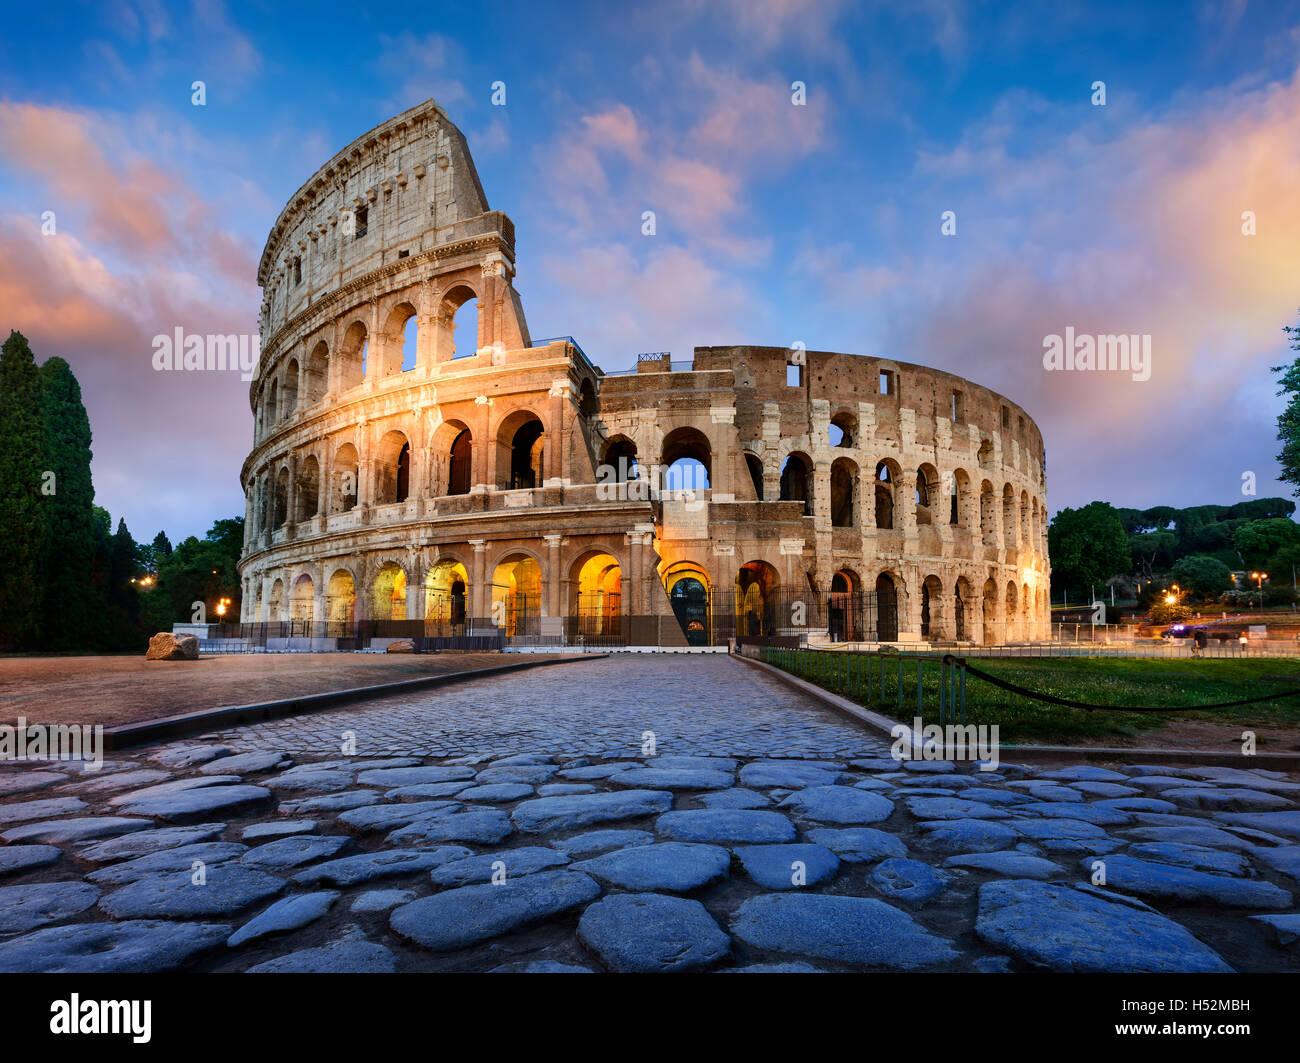 Vista del Coliseo de Roma y el sol de la mañana, Italia, Europa. Imagen De Stock